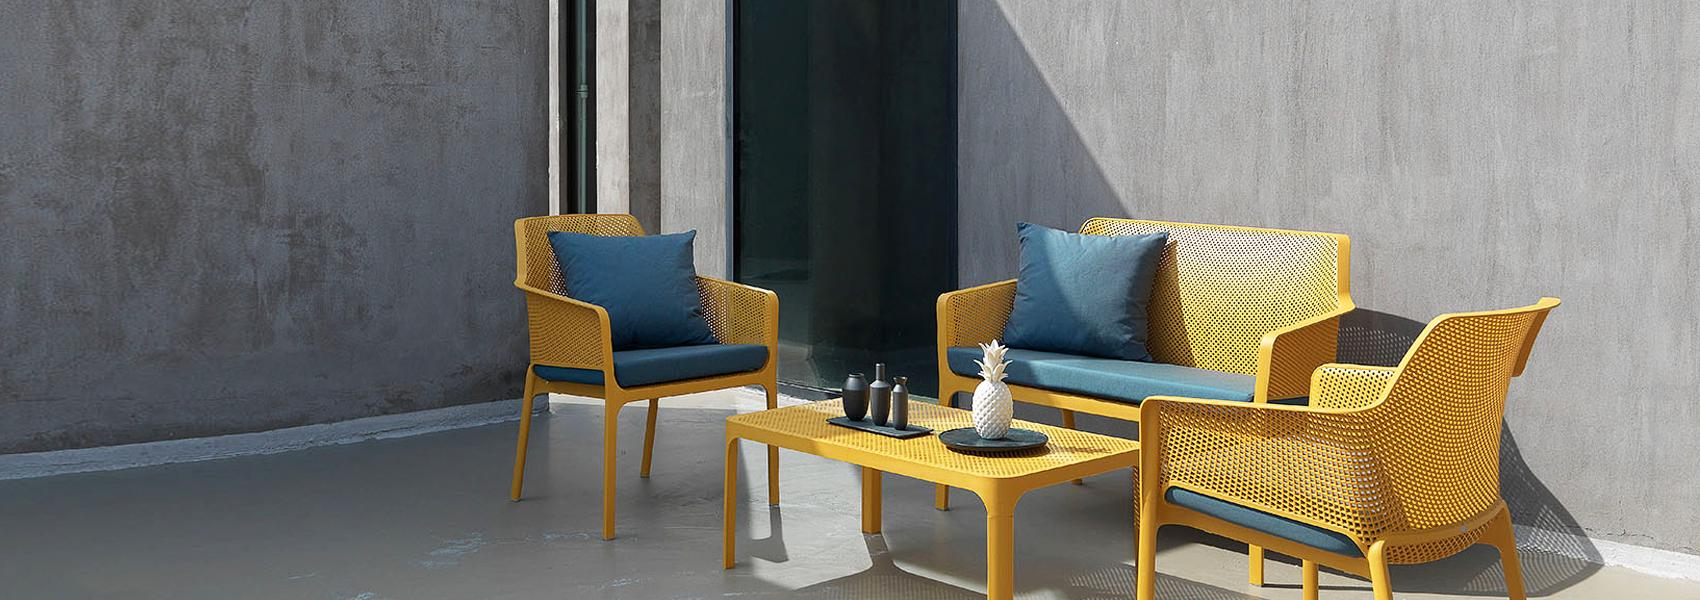 Nardi - стильная <br>мебель для сада!